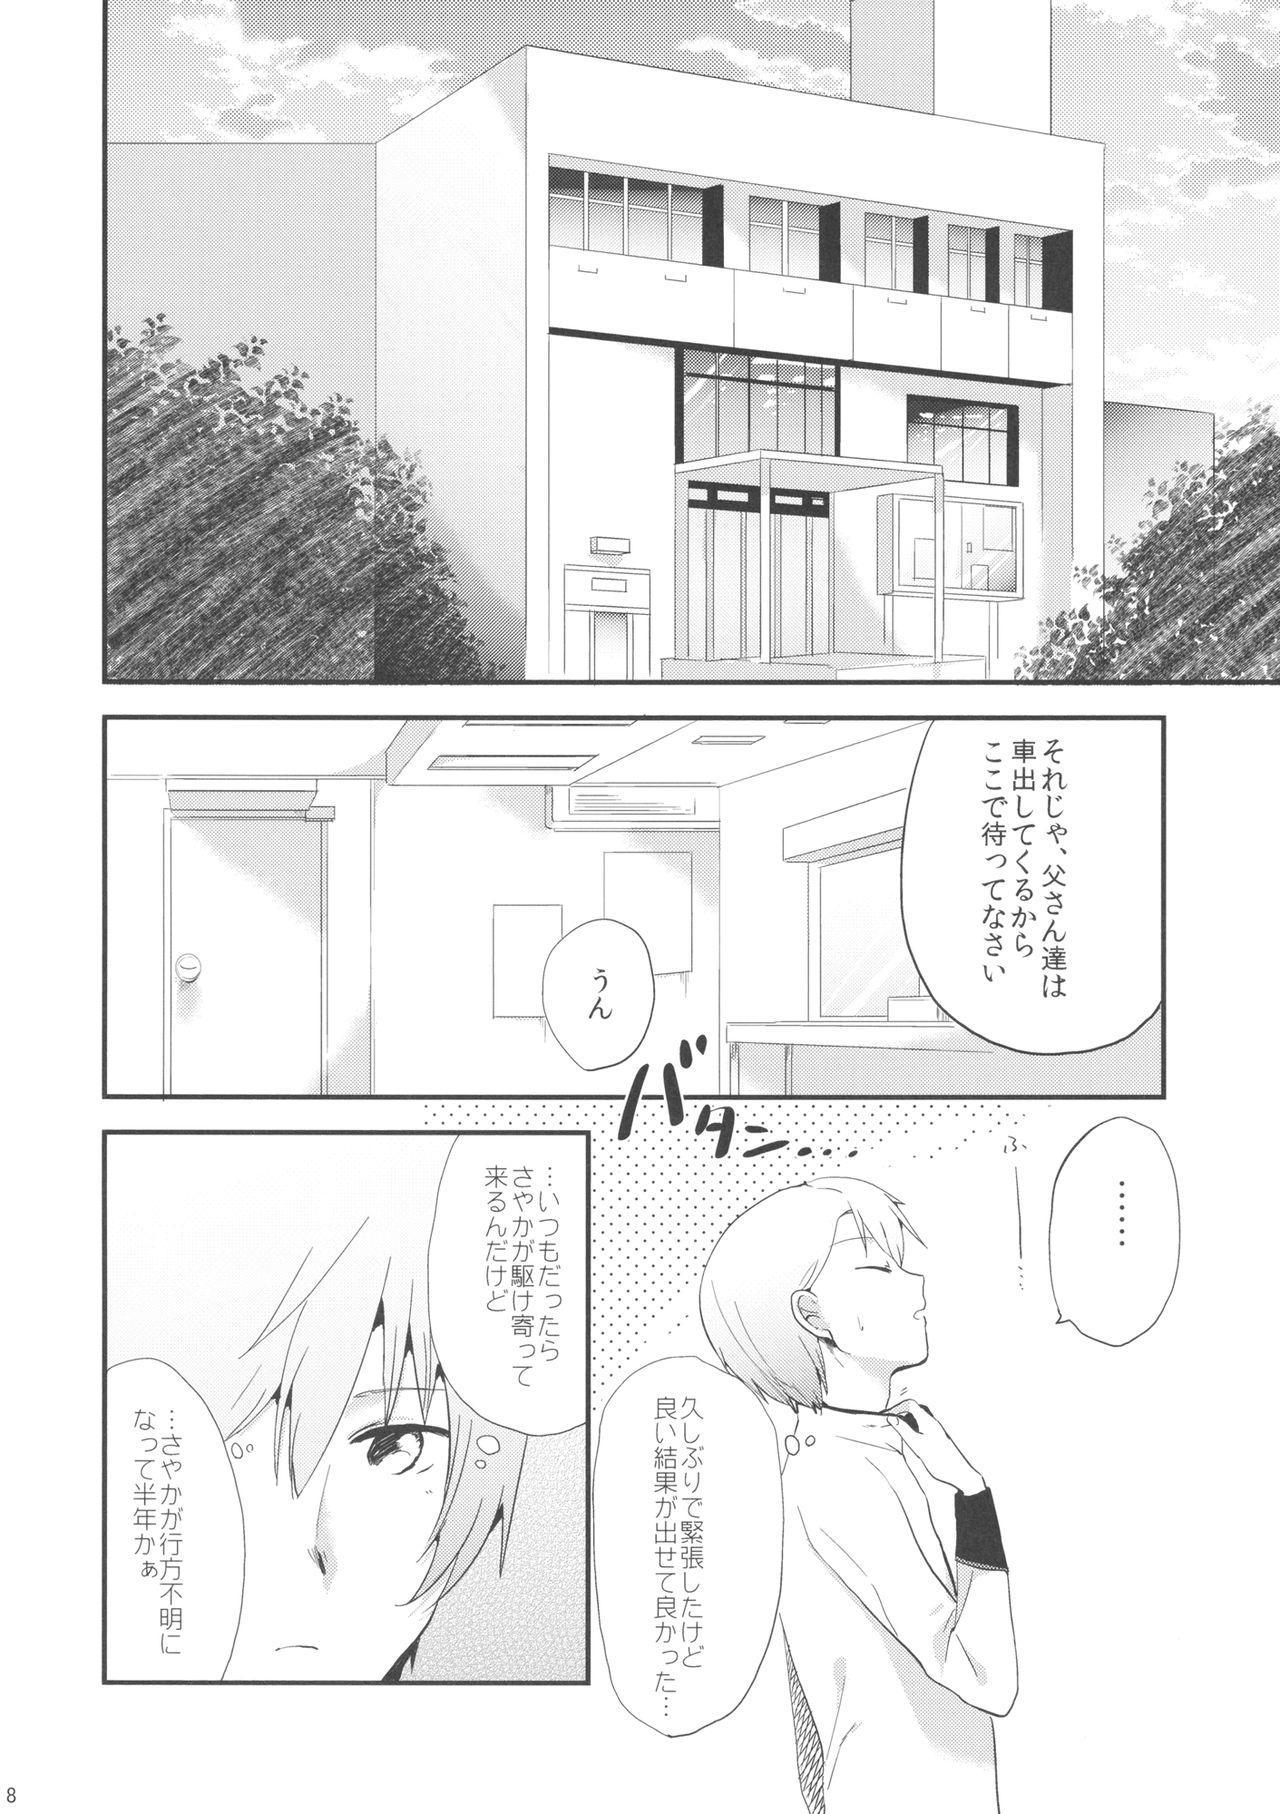 if Kanzenban 6